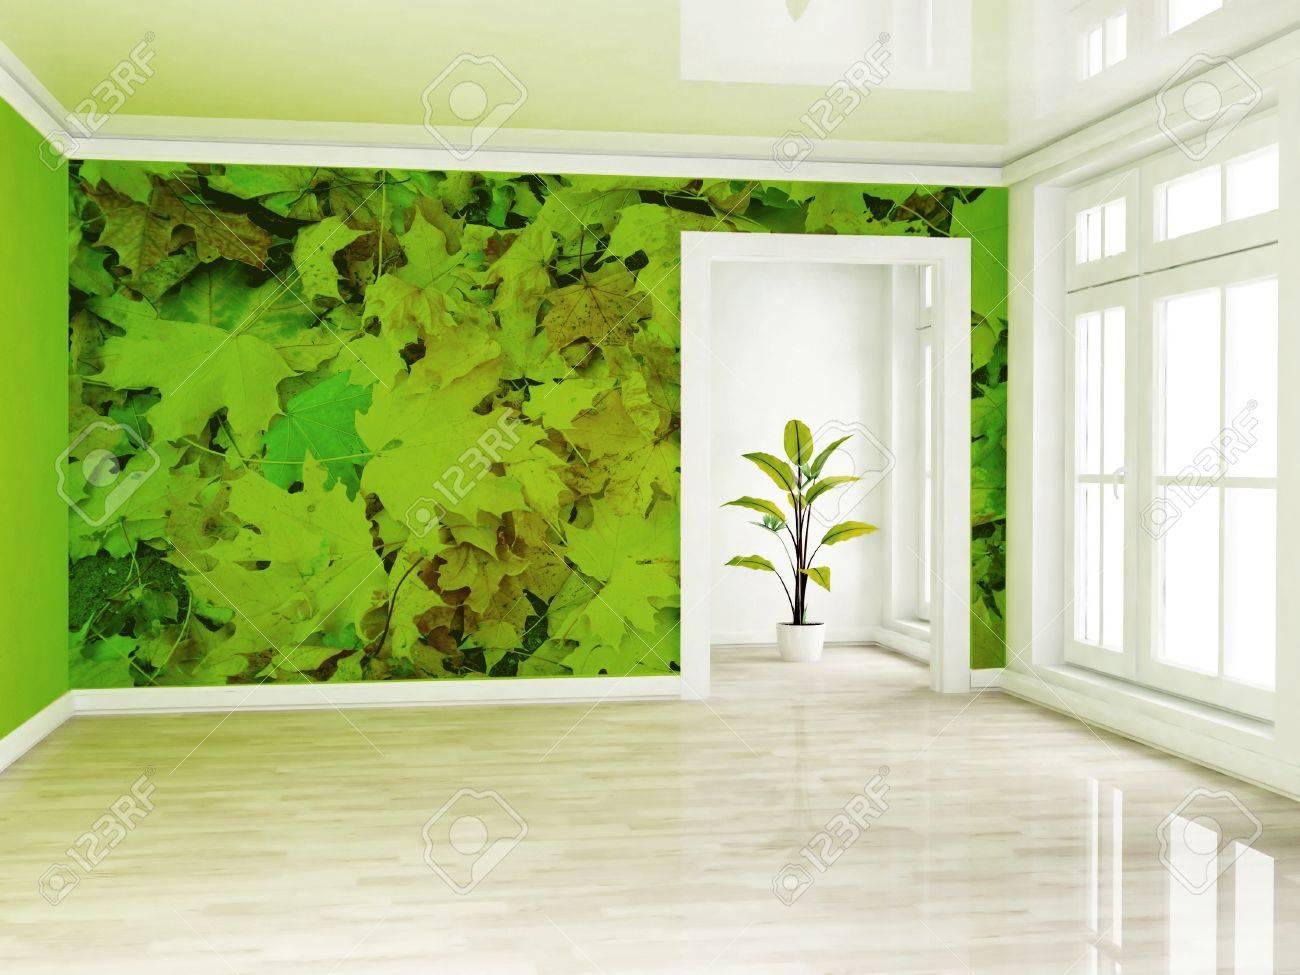 Une Plante Verte Dans La Chambre Vide Pres D Une Fenetre Ce Qui Rend